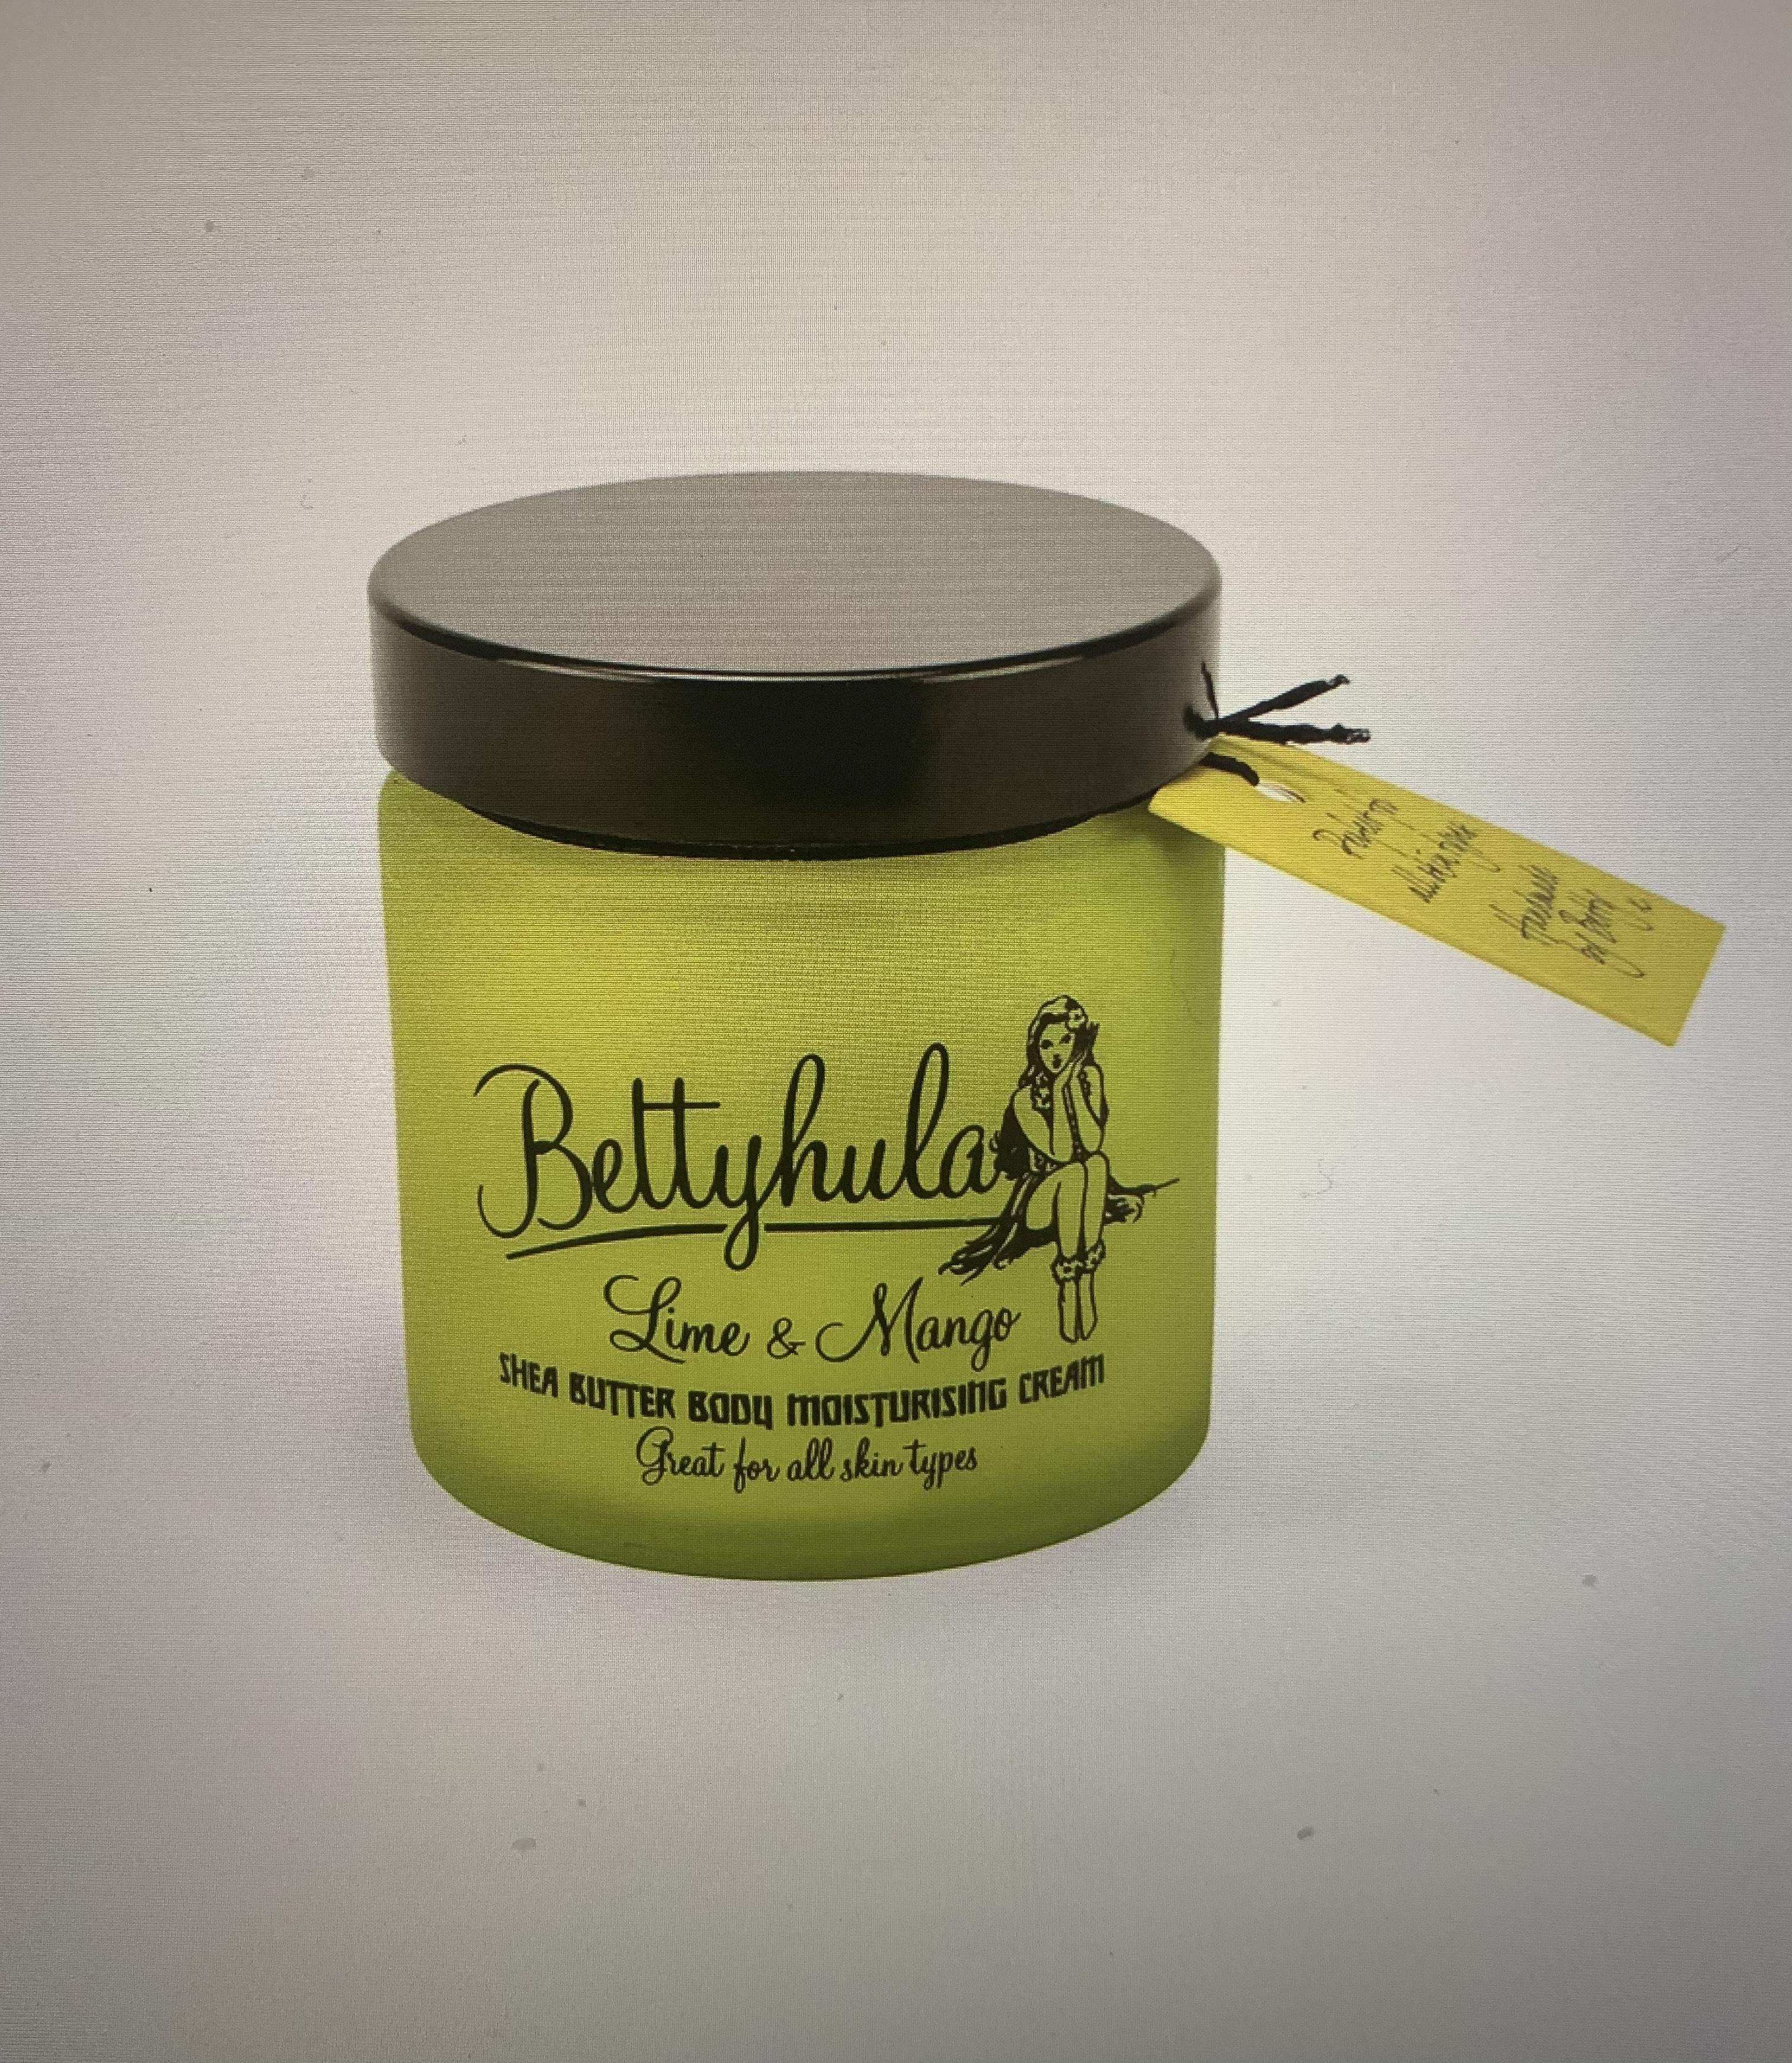 Betty Hula Shea Butter Body Moisturiser- Lime & Mango